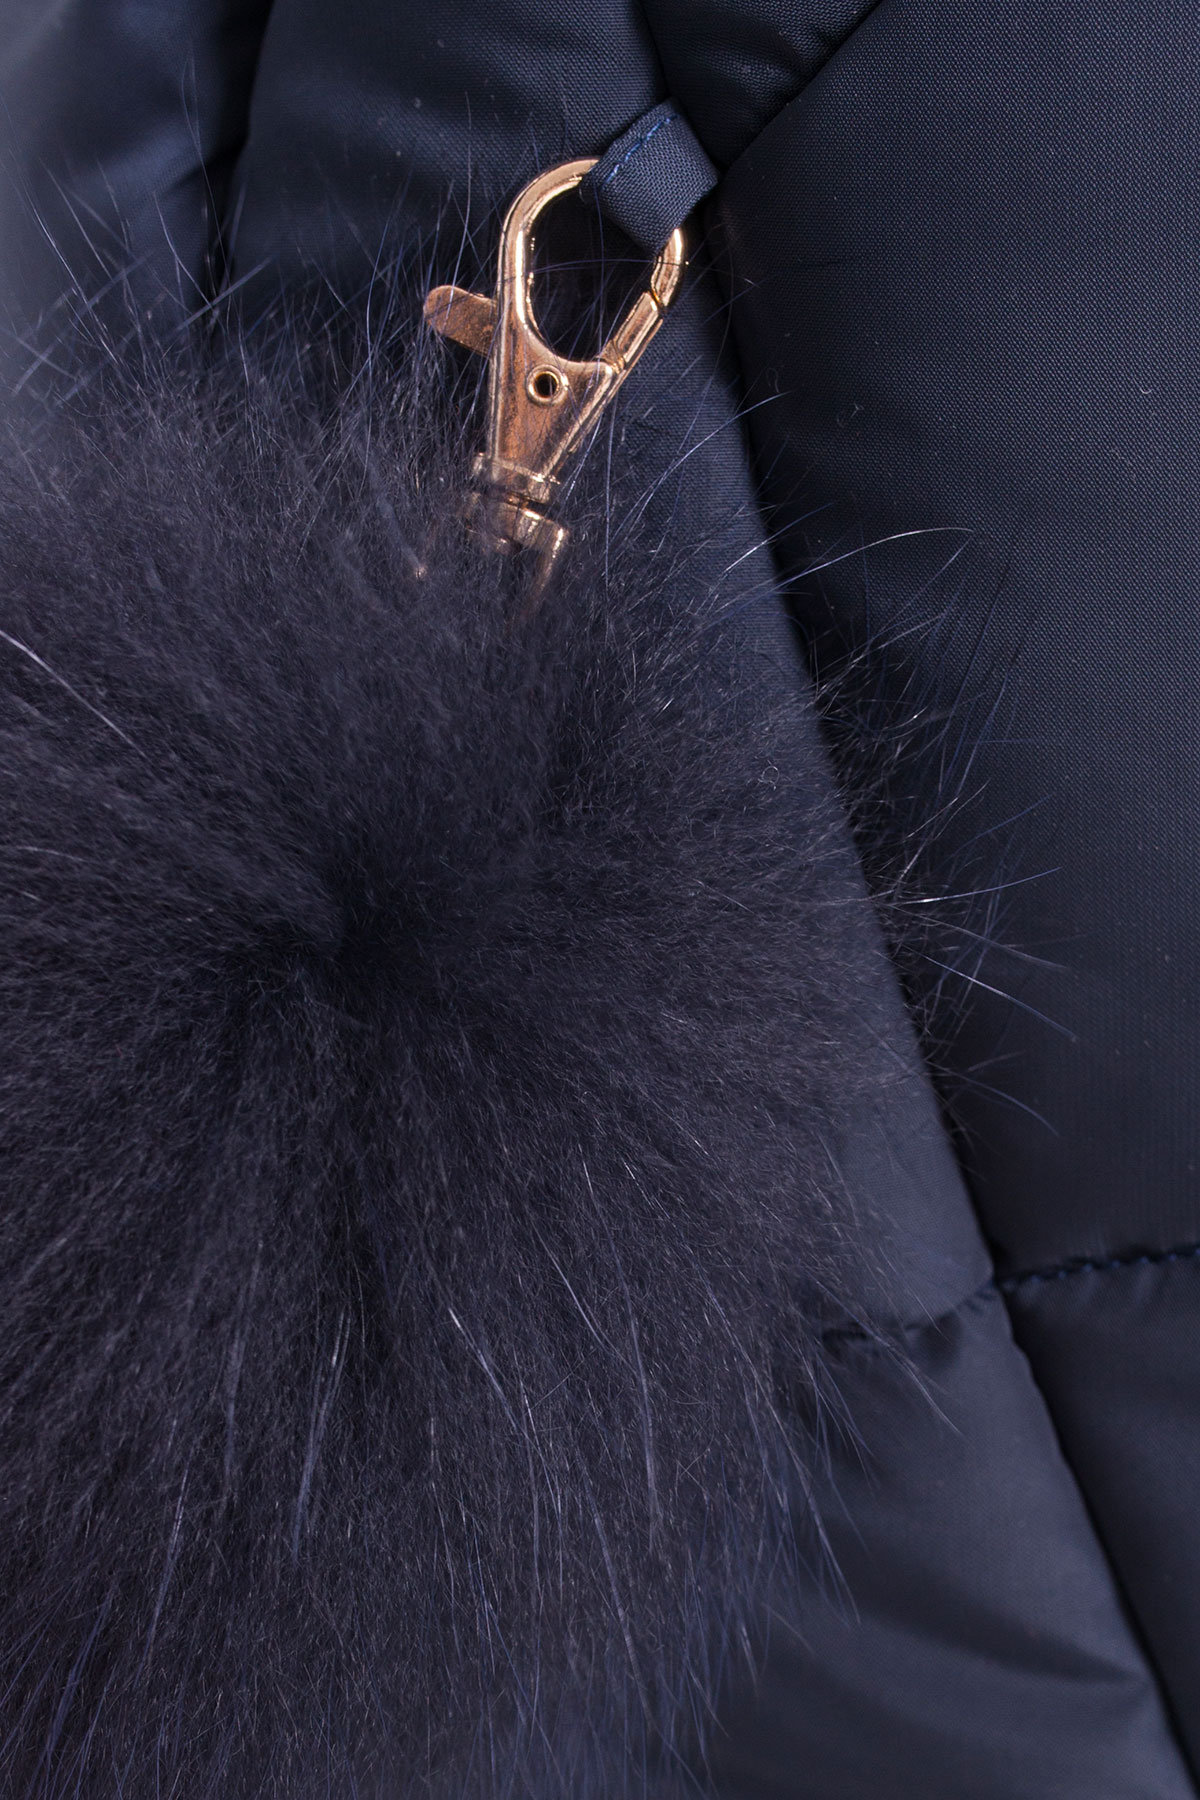 Пуховик с натуральным мехом песца Ари 3113 АРТ. 16980 Цвет: Тёмно-синий - фото 4, интернет магазин tm-modus.ru